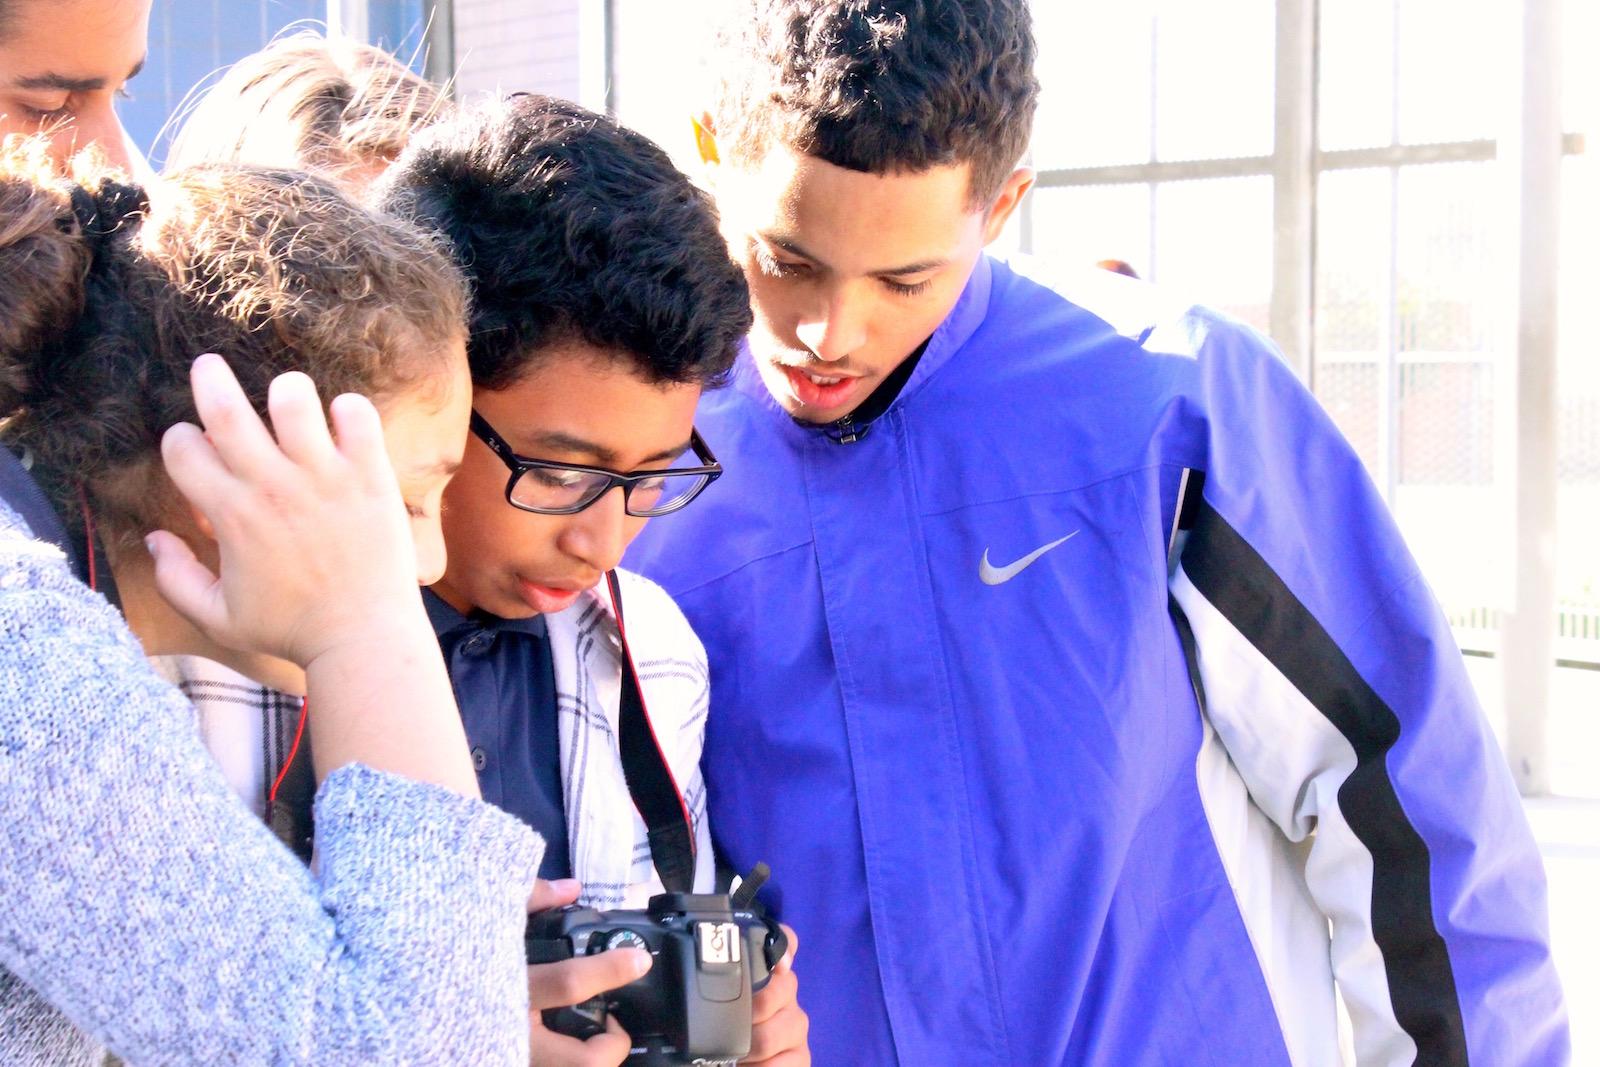 King Middle School & Laurel Elementary School Visit HBHS